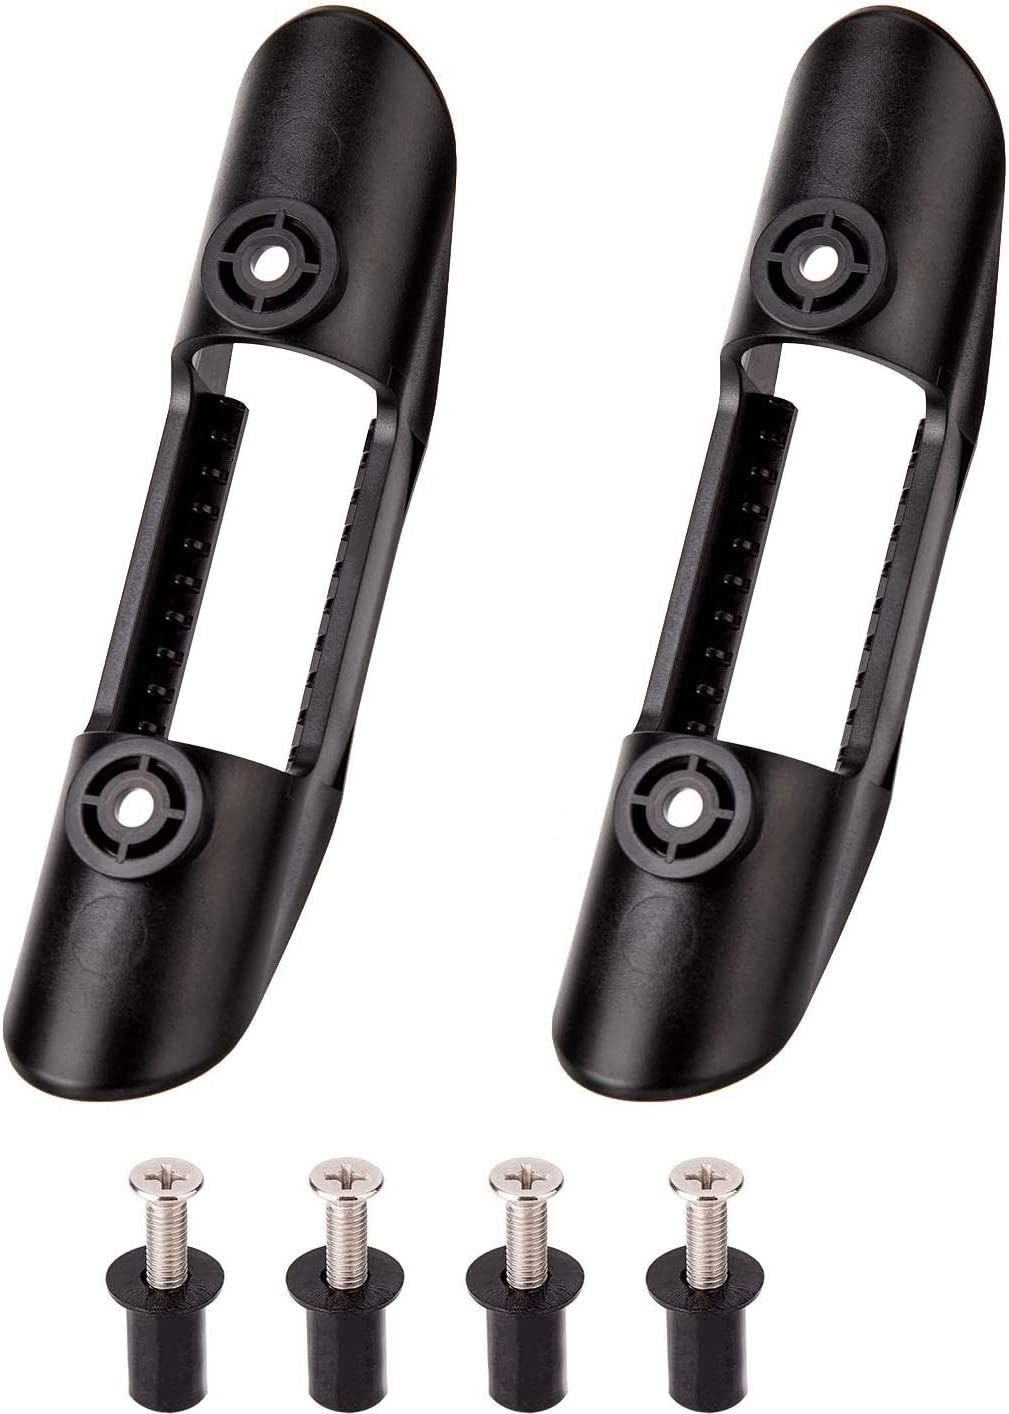 POFET 2 clips de montaje para palas de kayak, soporte universal de plástico para palas de kayak, accesorios de paleta de kayak y clips de red de pesca (4 tornillos incluidos)